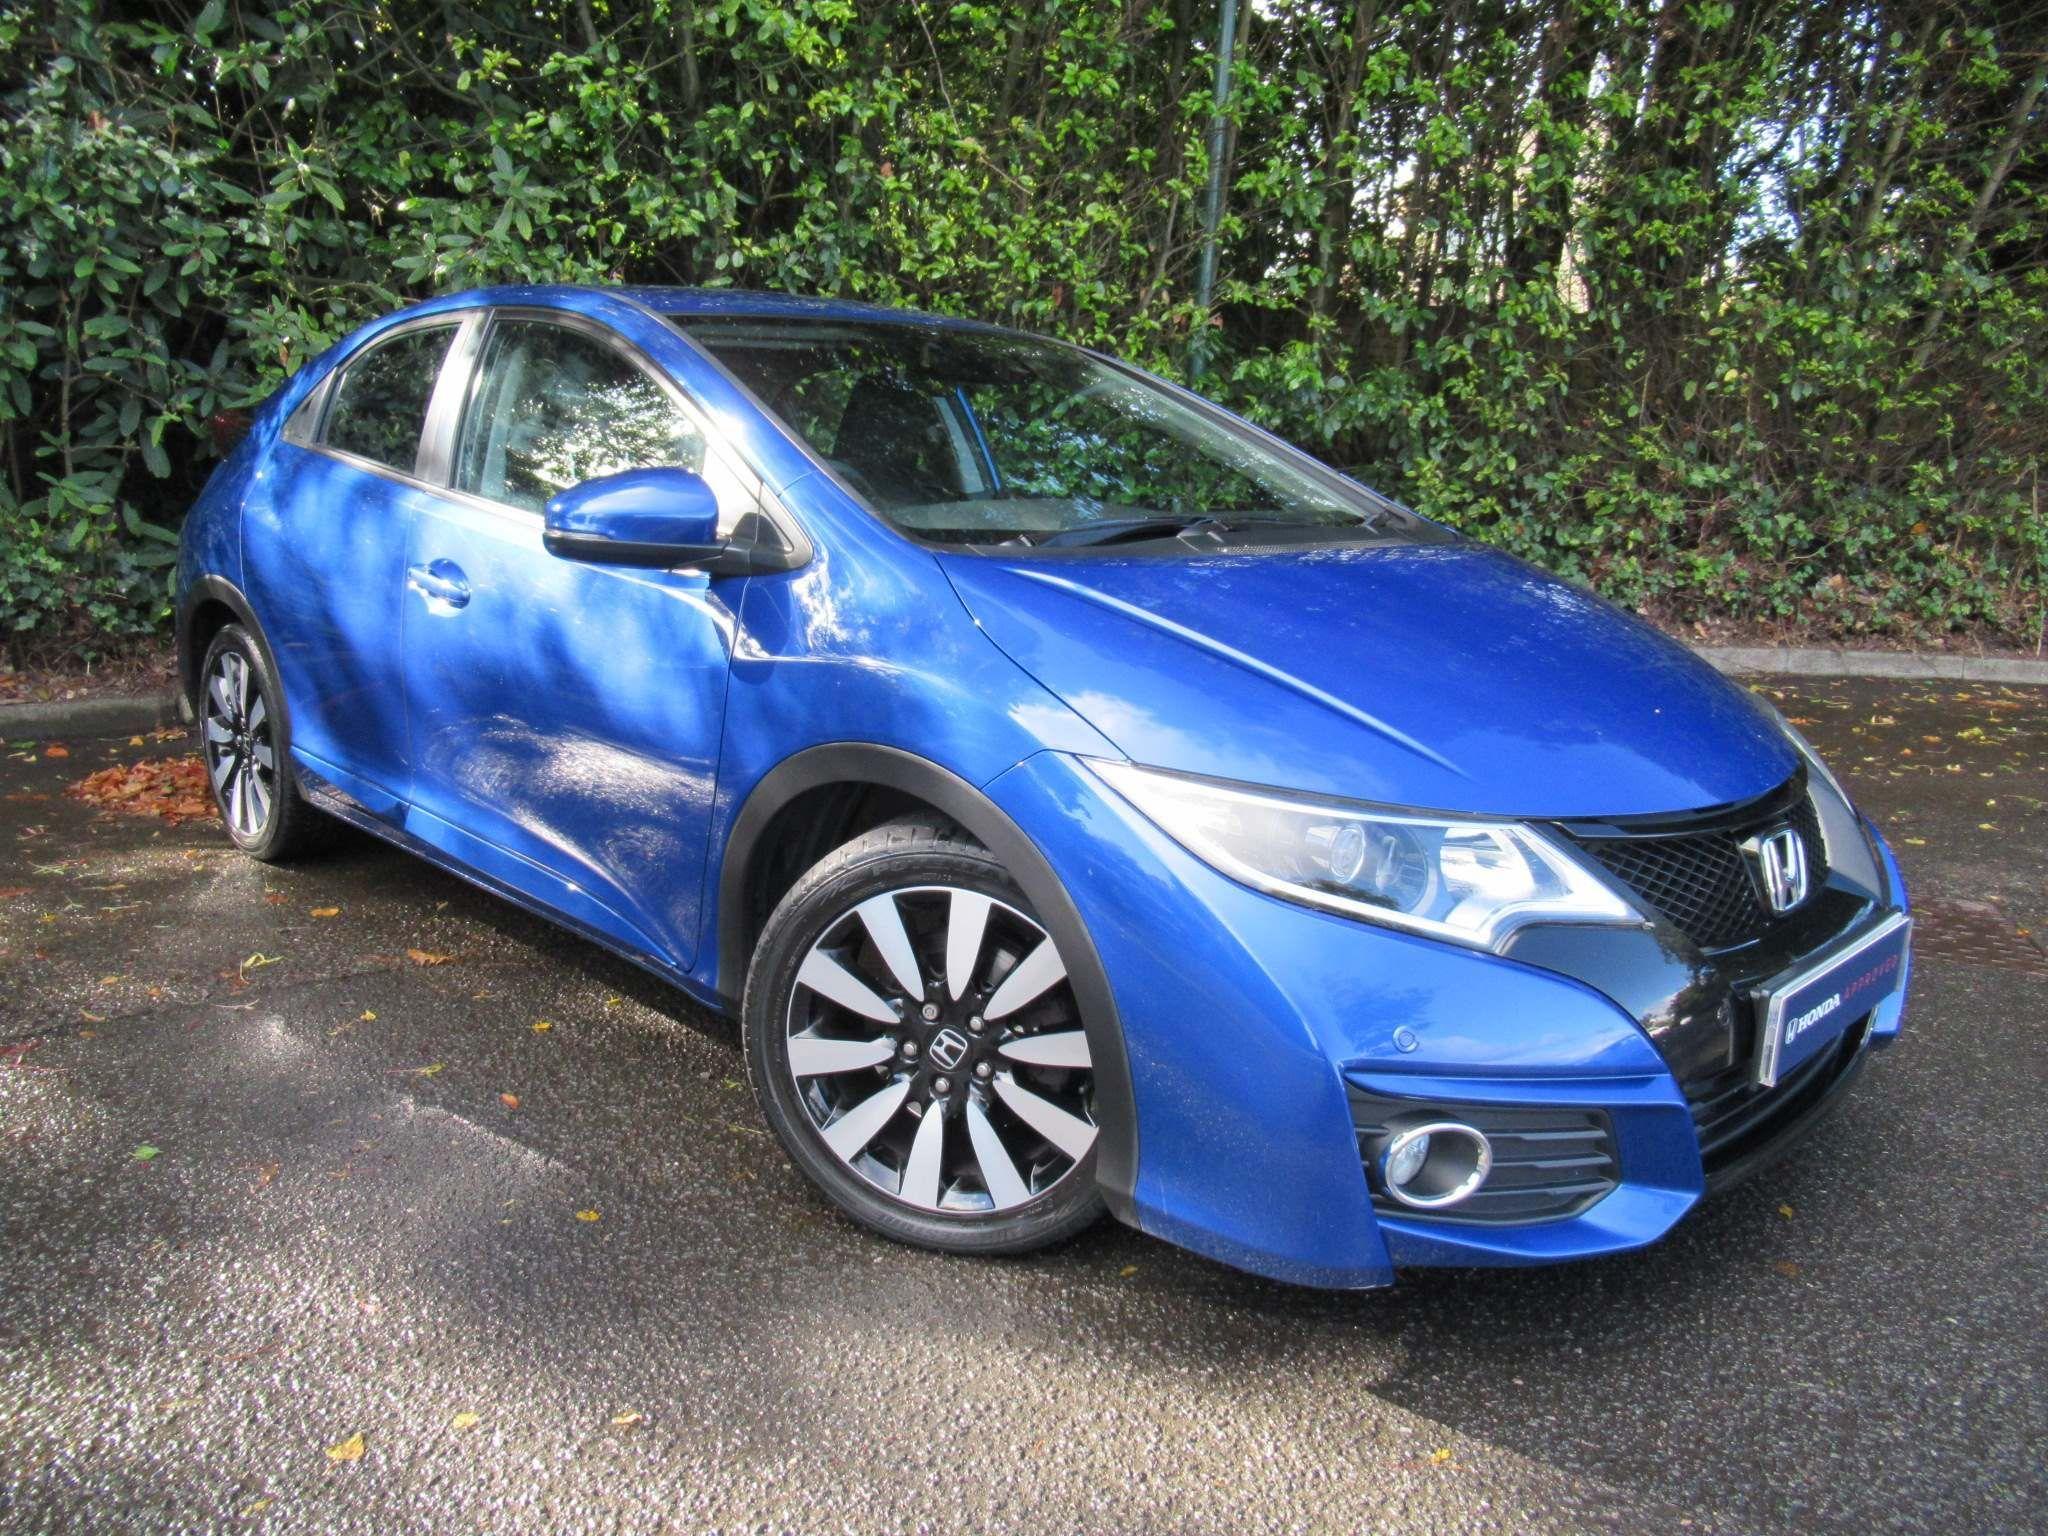 Honda Civic 1.8 i-VTEC SE Plus Auto 5dr